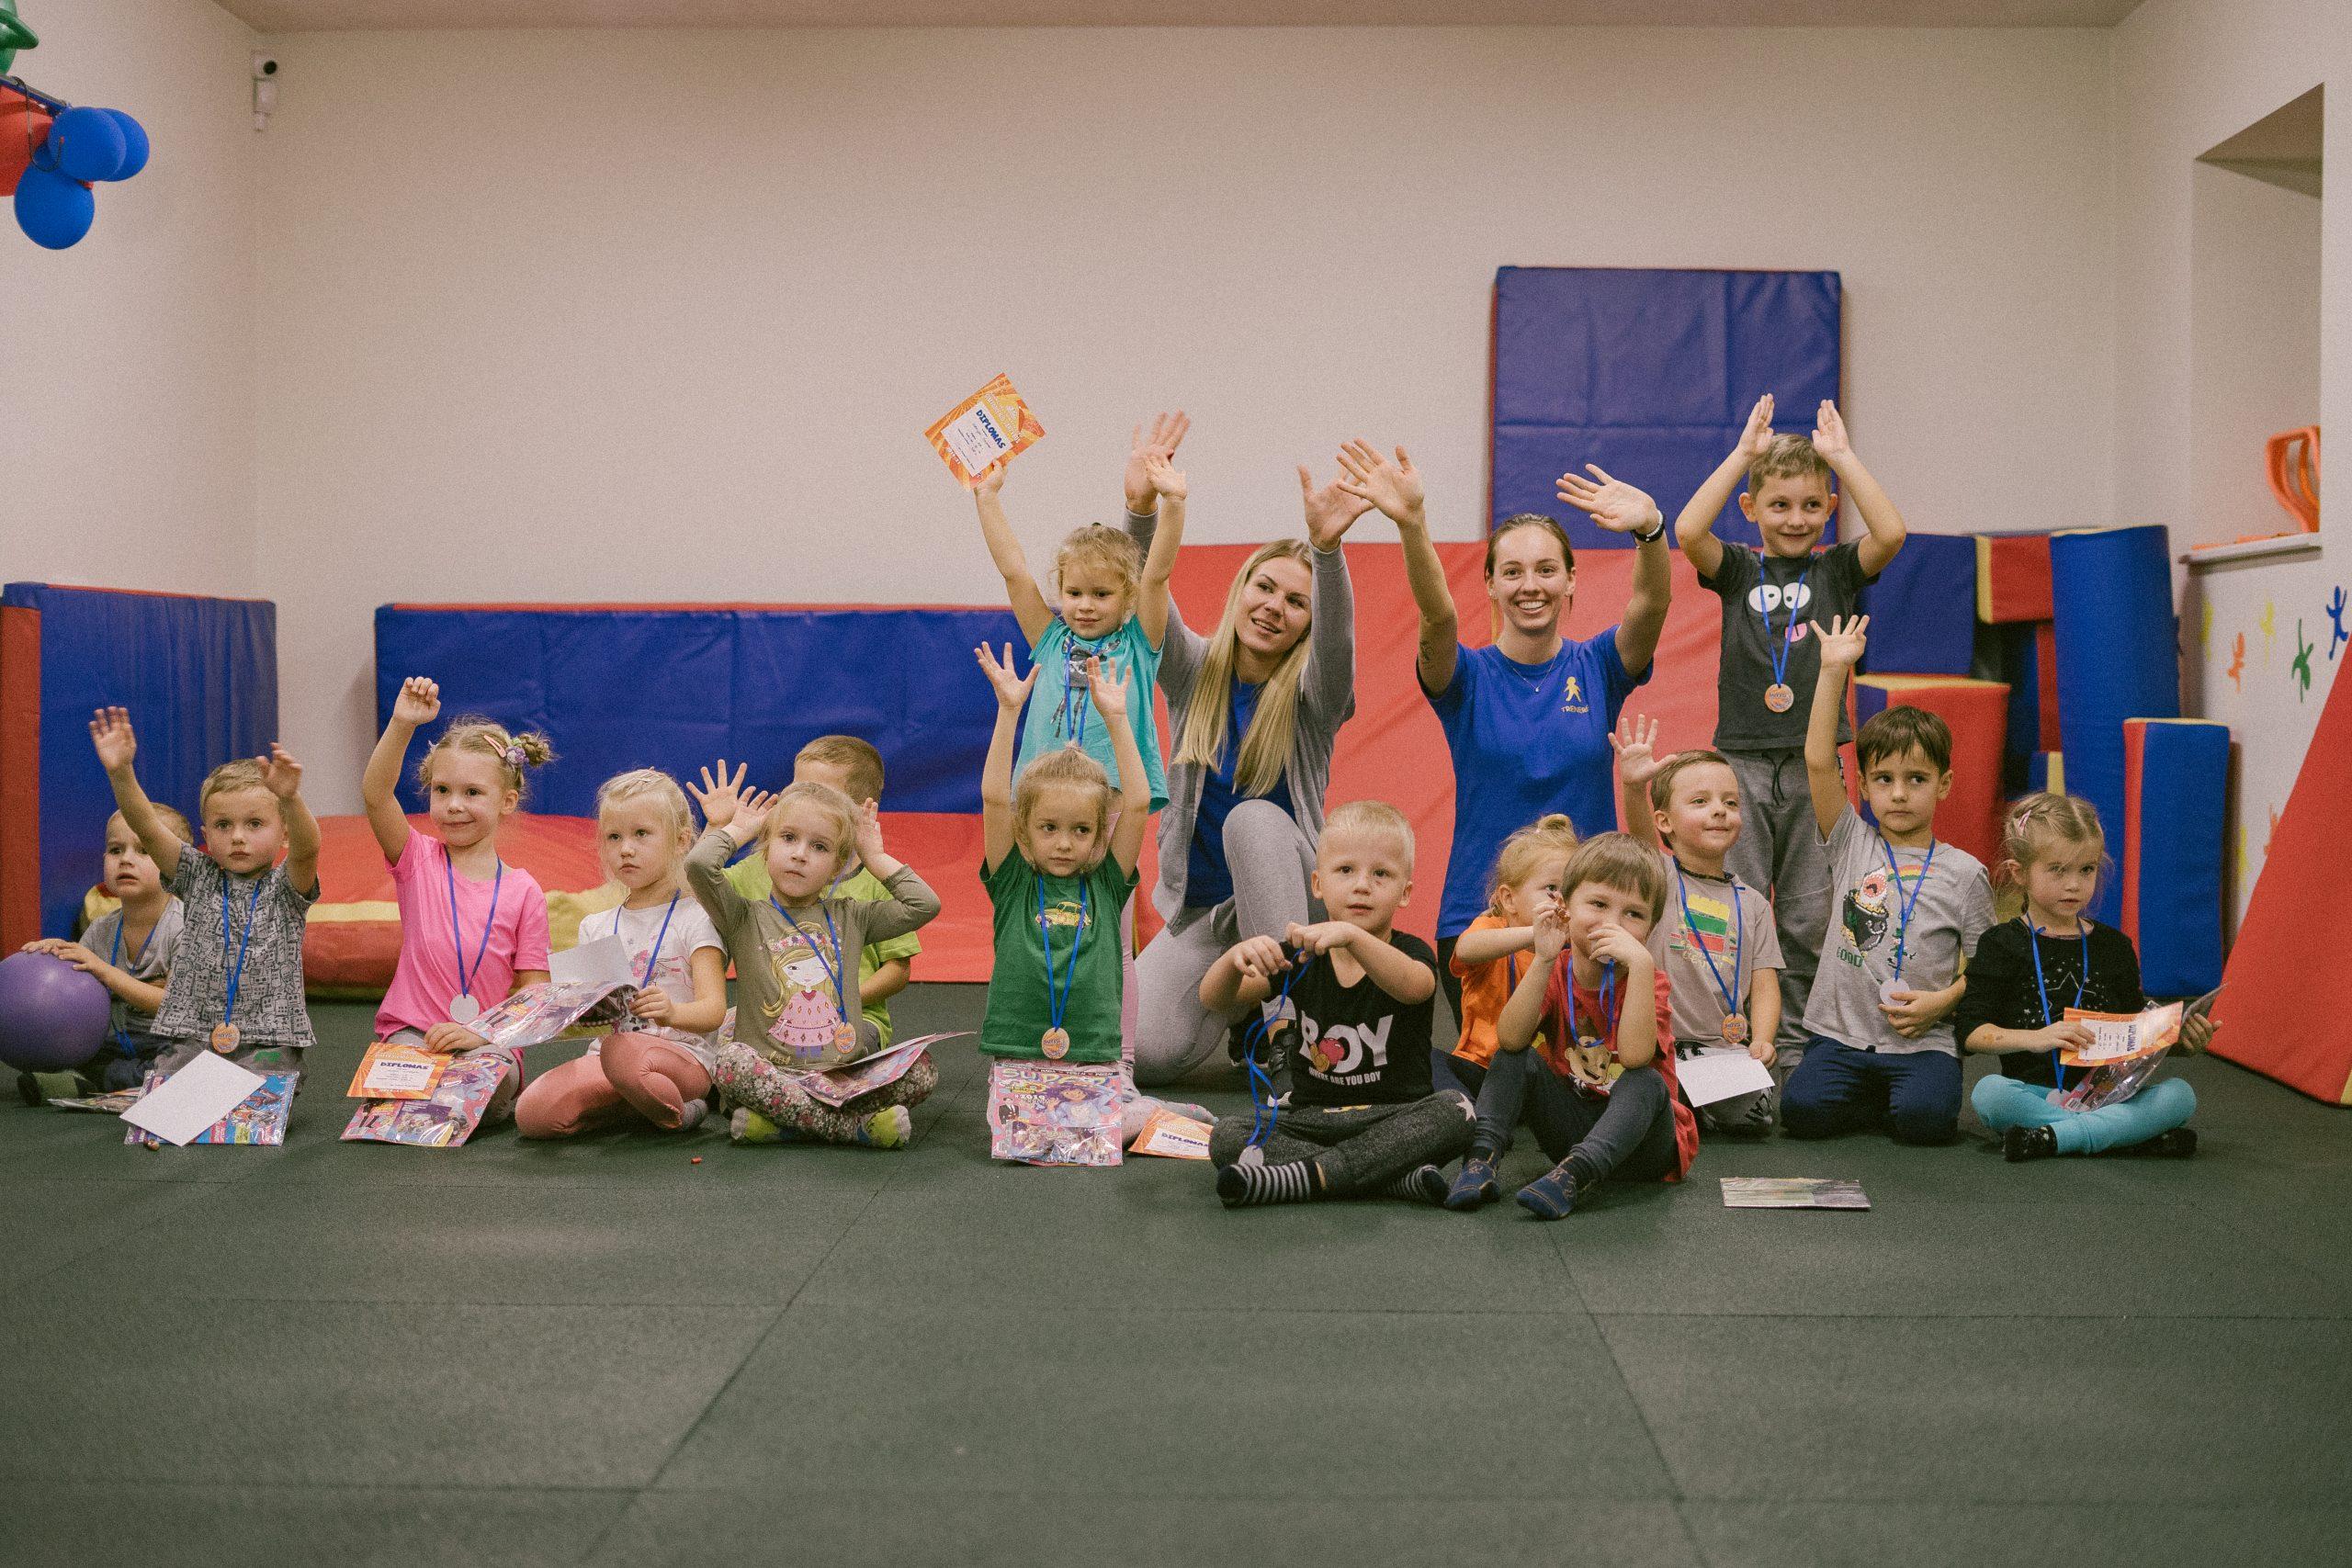 Strakaliukas uzsiemimai vaikams vaiku sporto centras sportas vaikams 5